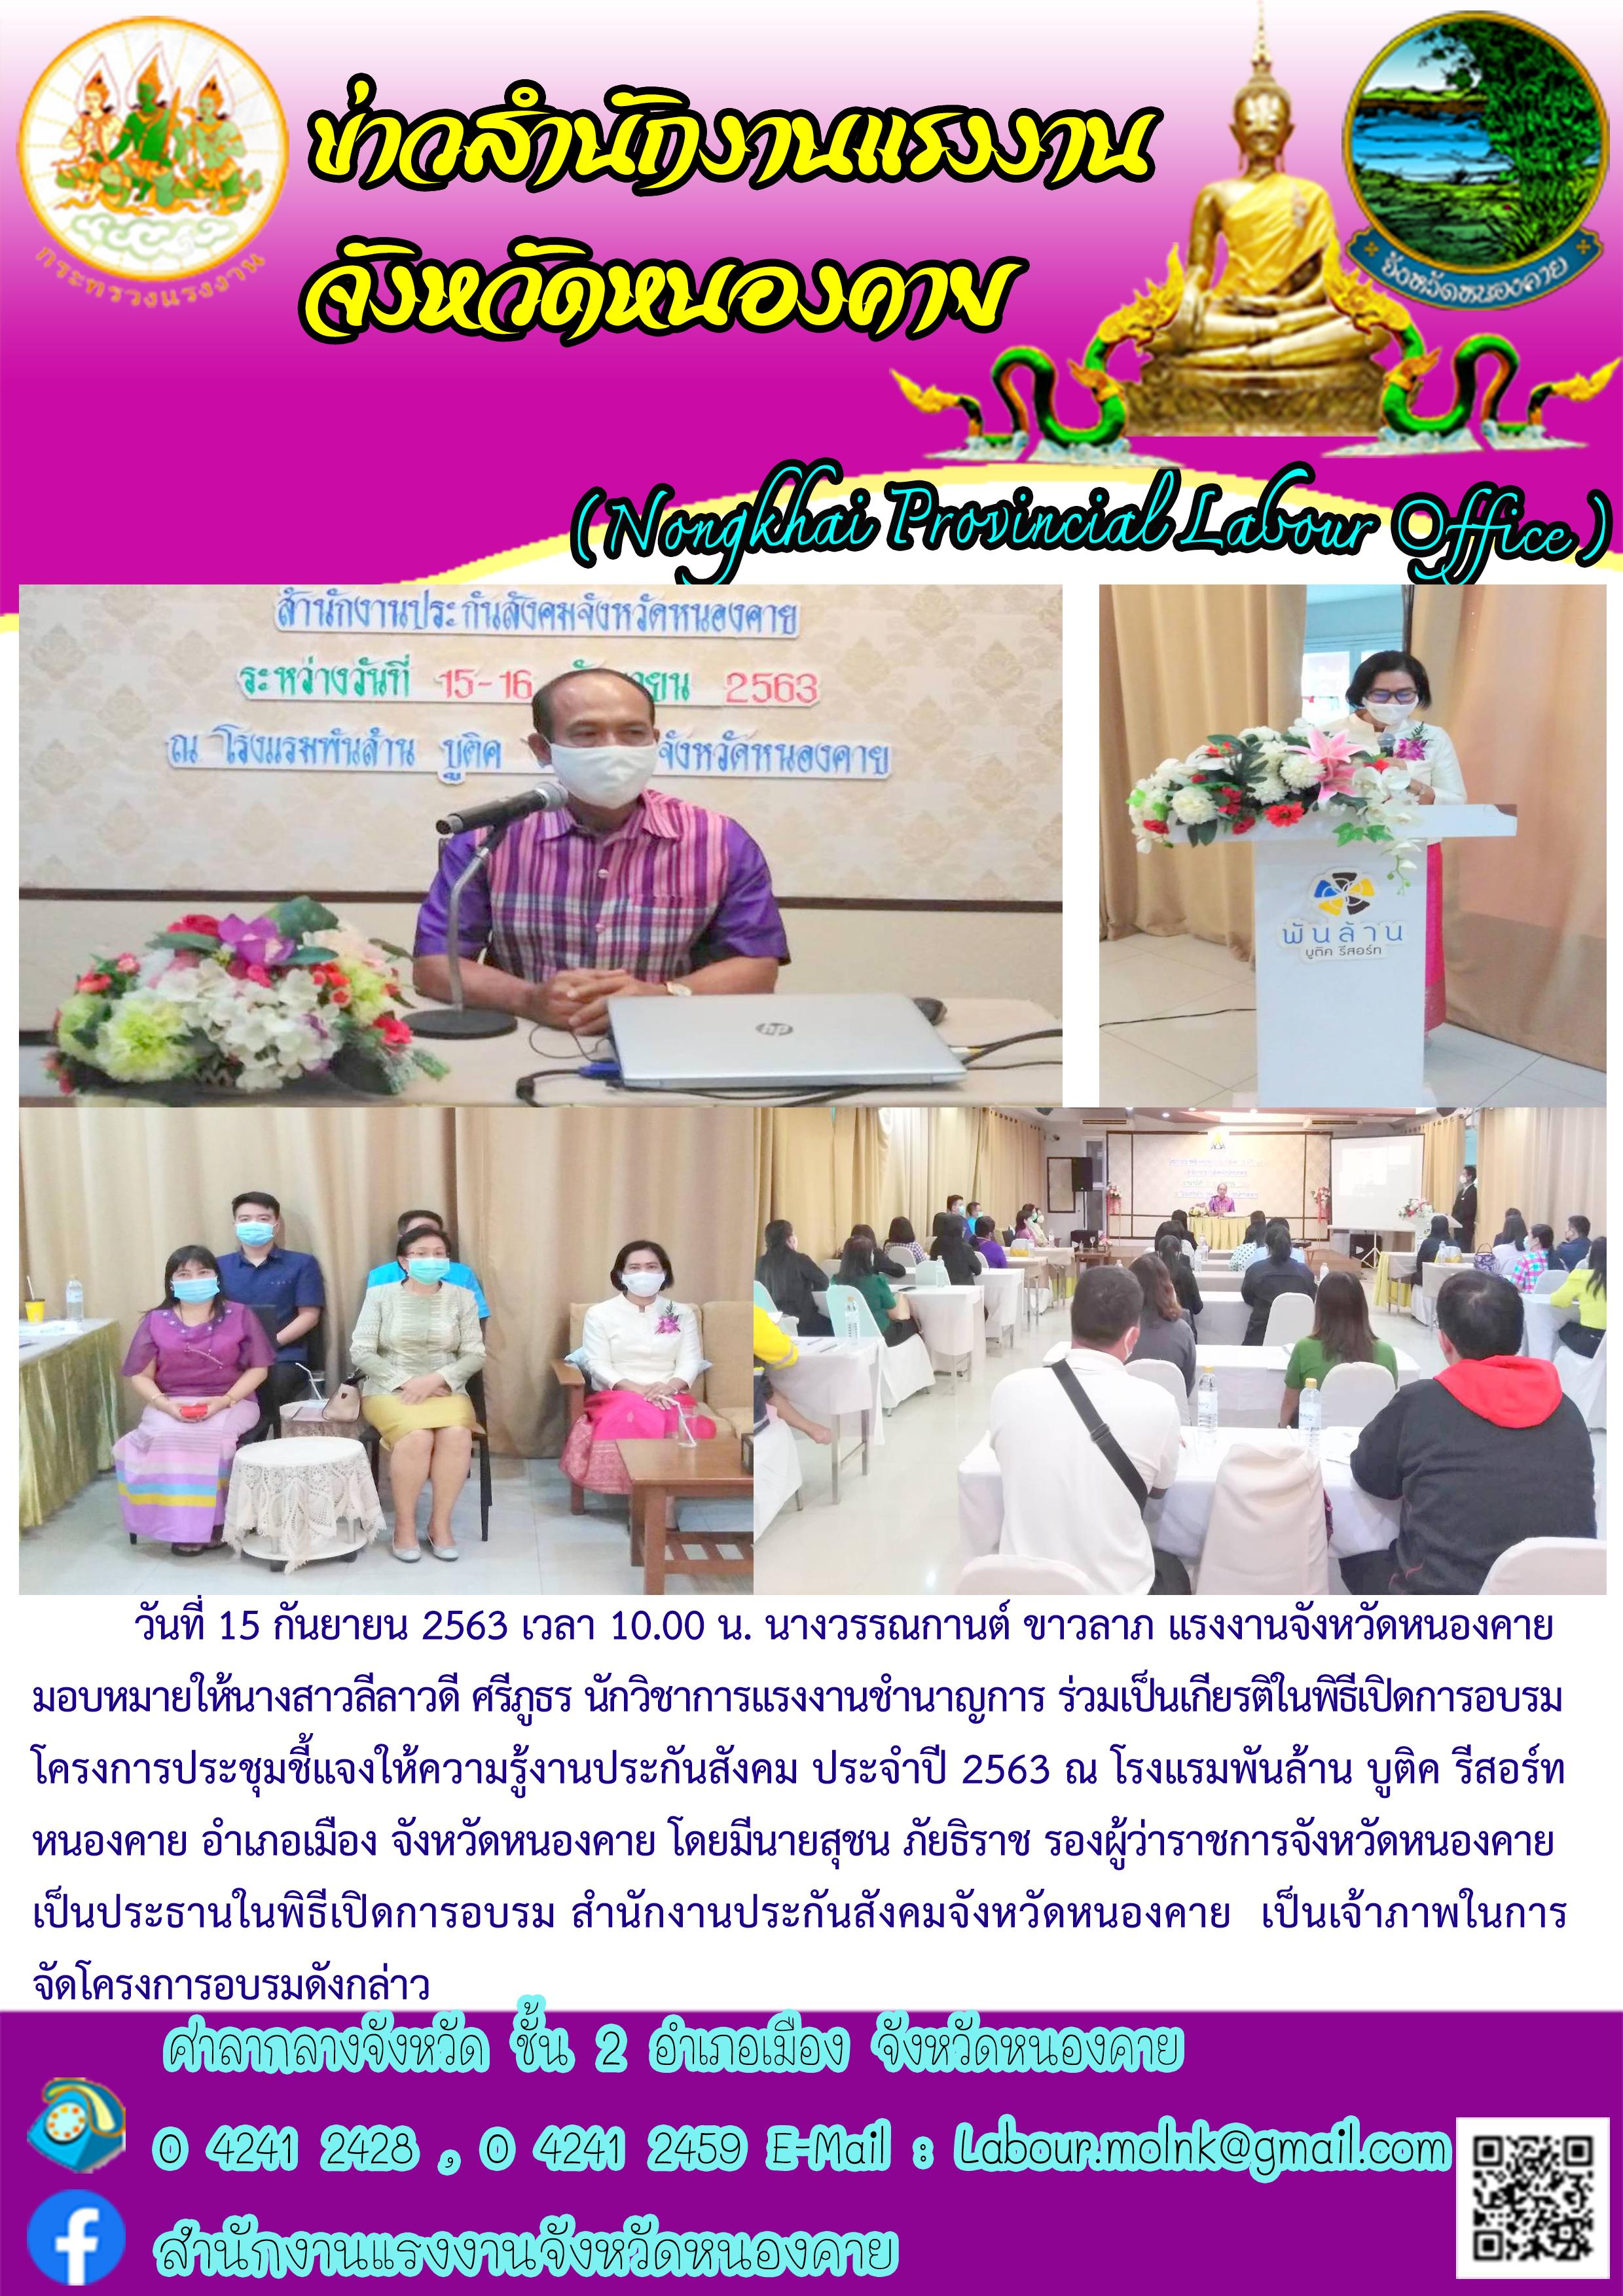 สรจ.หนองคาย ร่วมเป็นเกียรติในพิธีเปิดการอบรมโครงการประชุมชี้แจงให้ความรู้งานประกันสังคม ประจำปี 2563